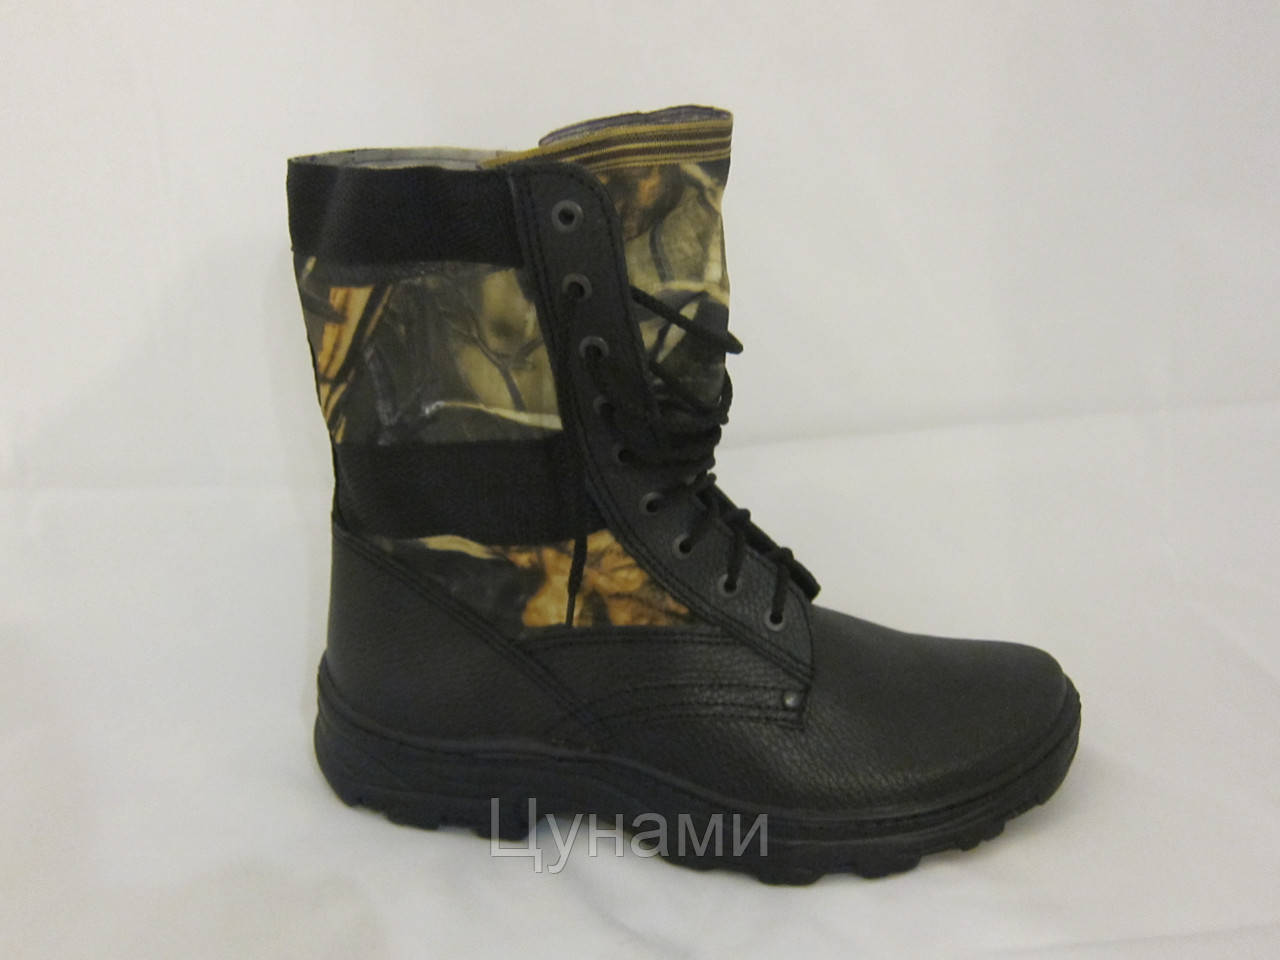 2ec1b3f8721c Берцы на шнурке (армейские берцы, военная обувь, кожаные берцы ...